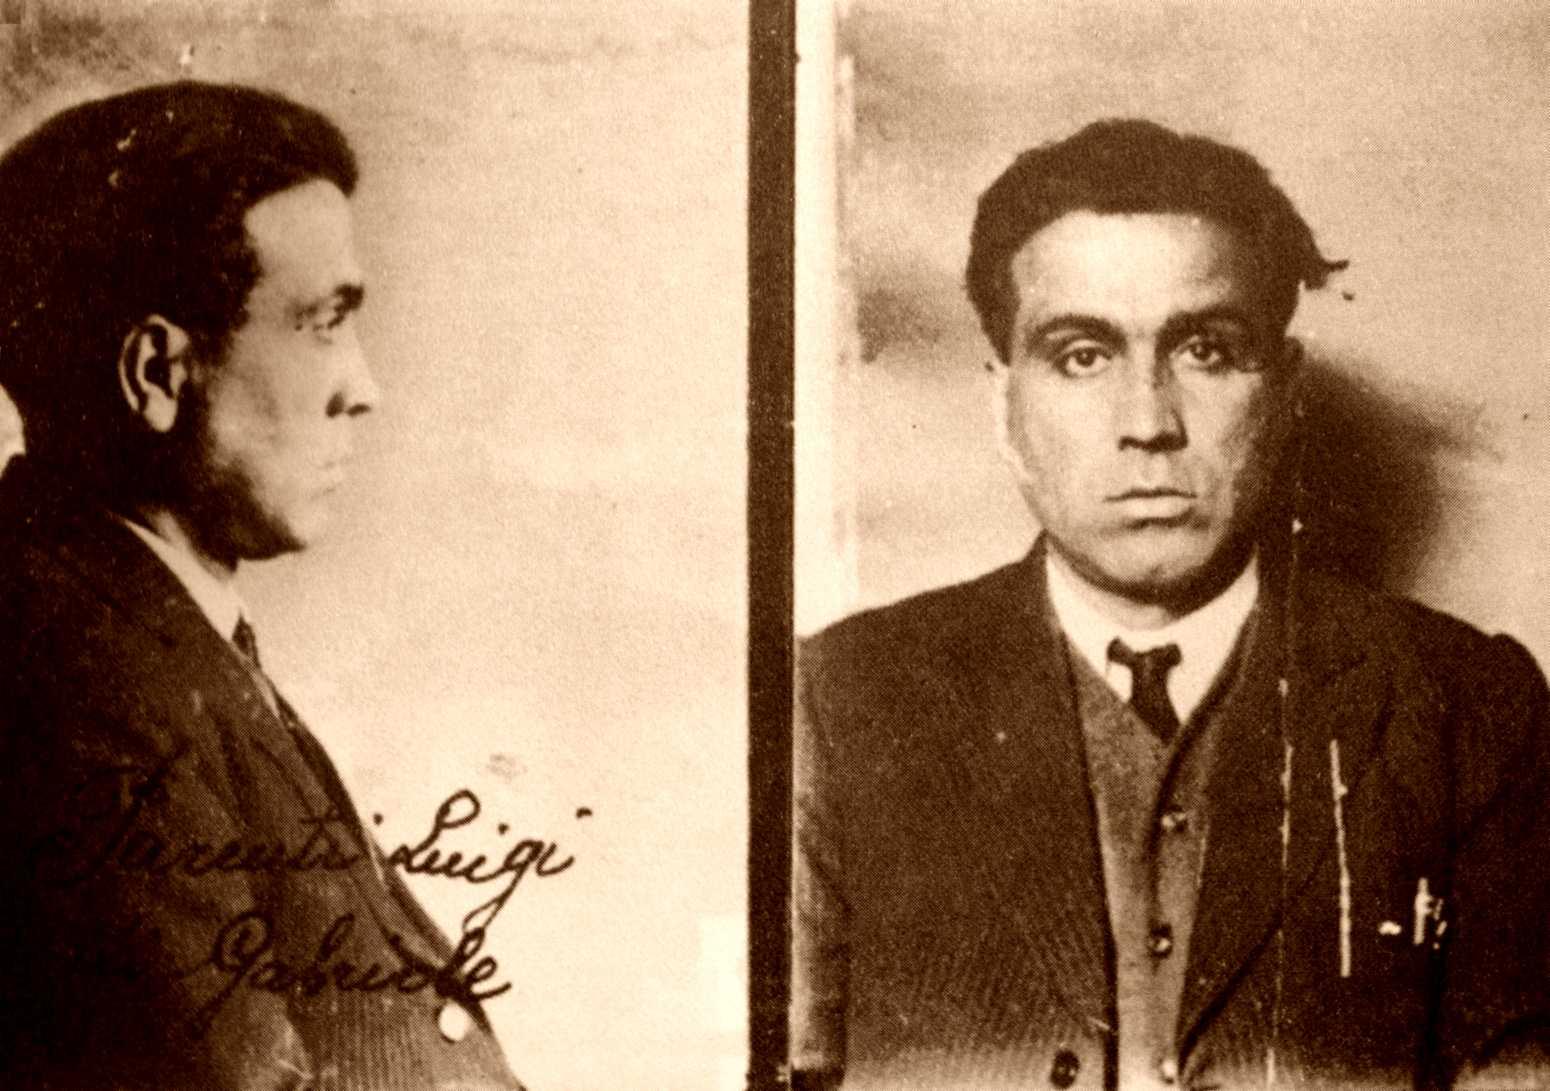 Foto policíaca de Luigi Parenti